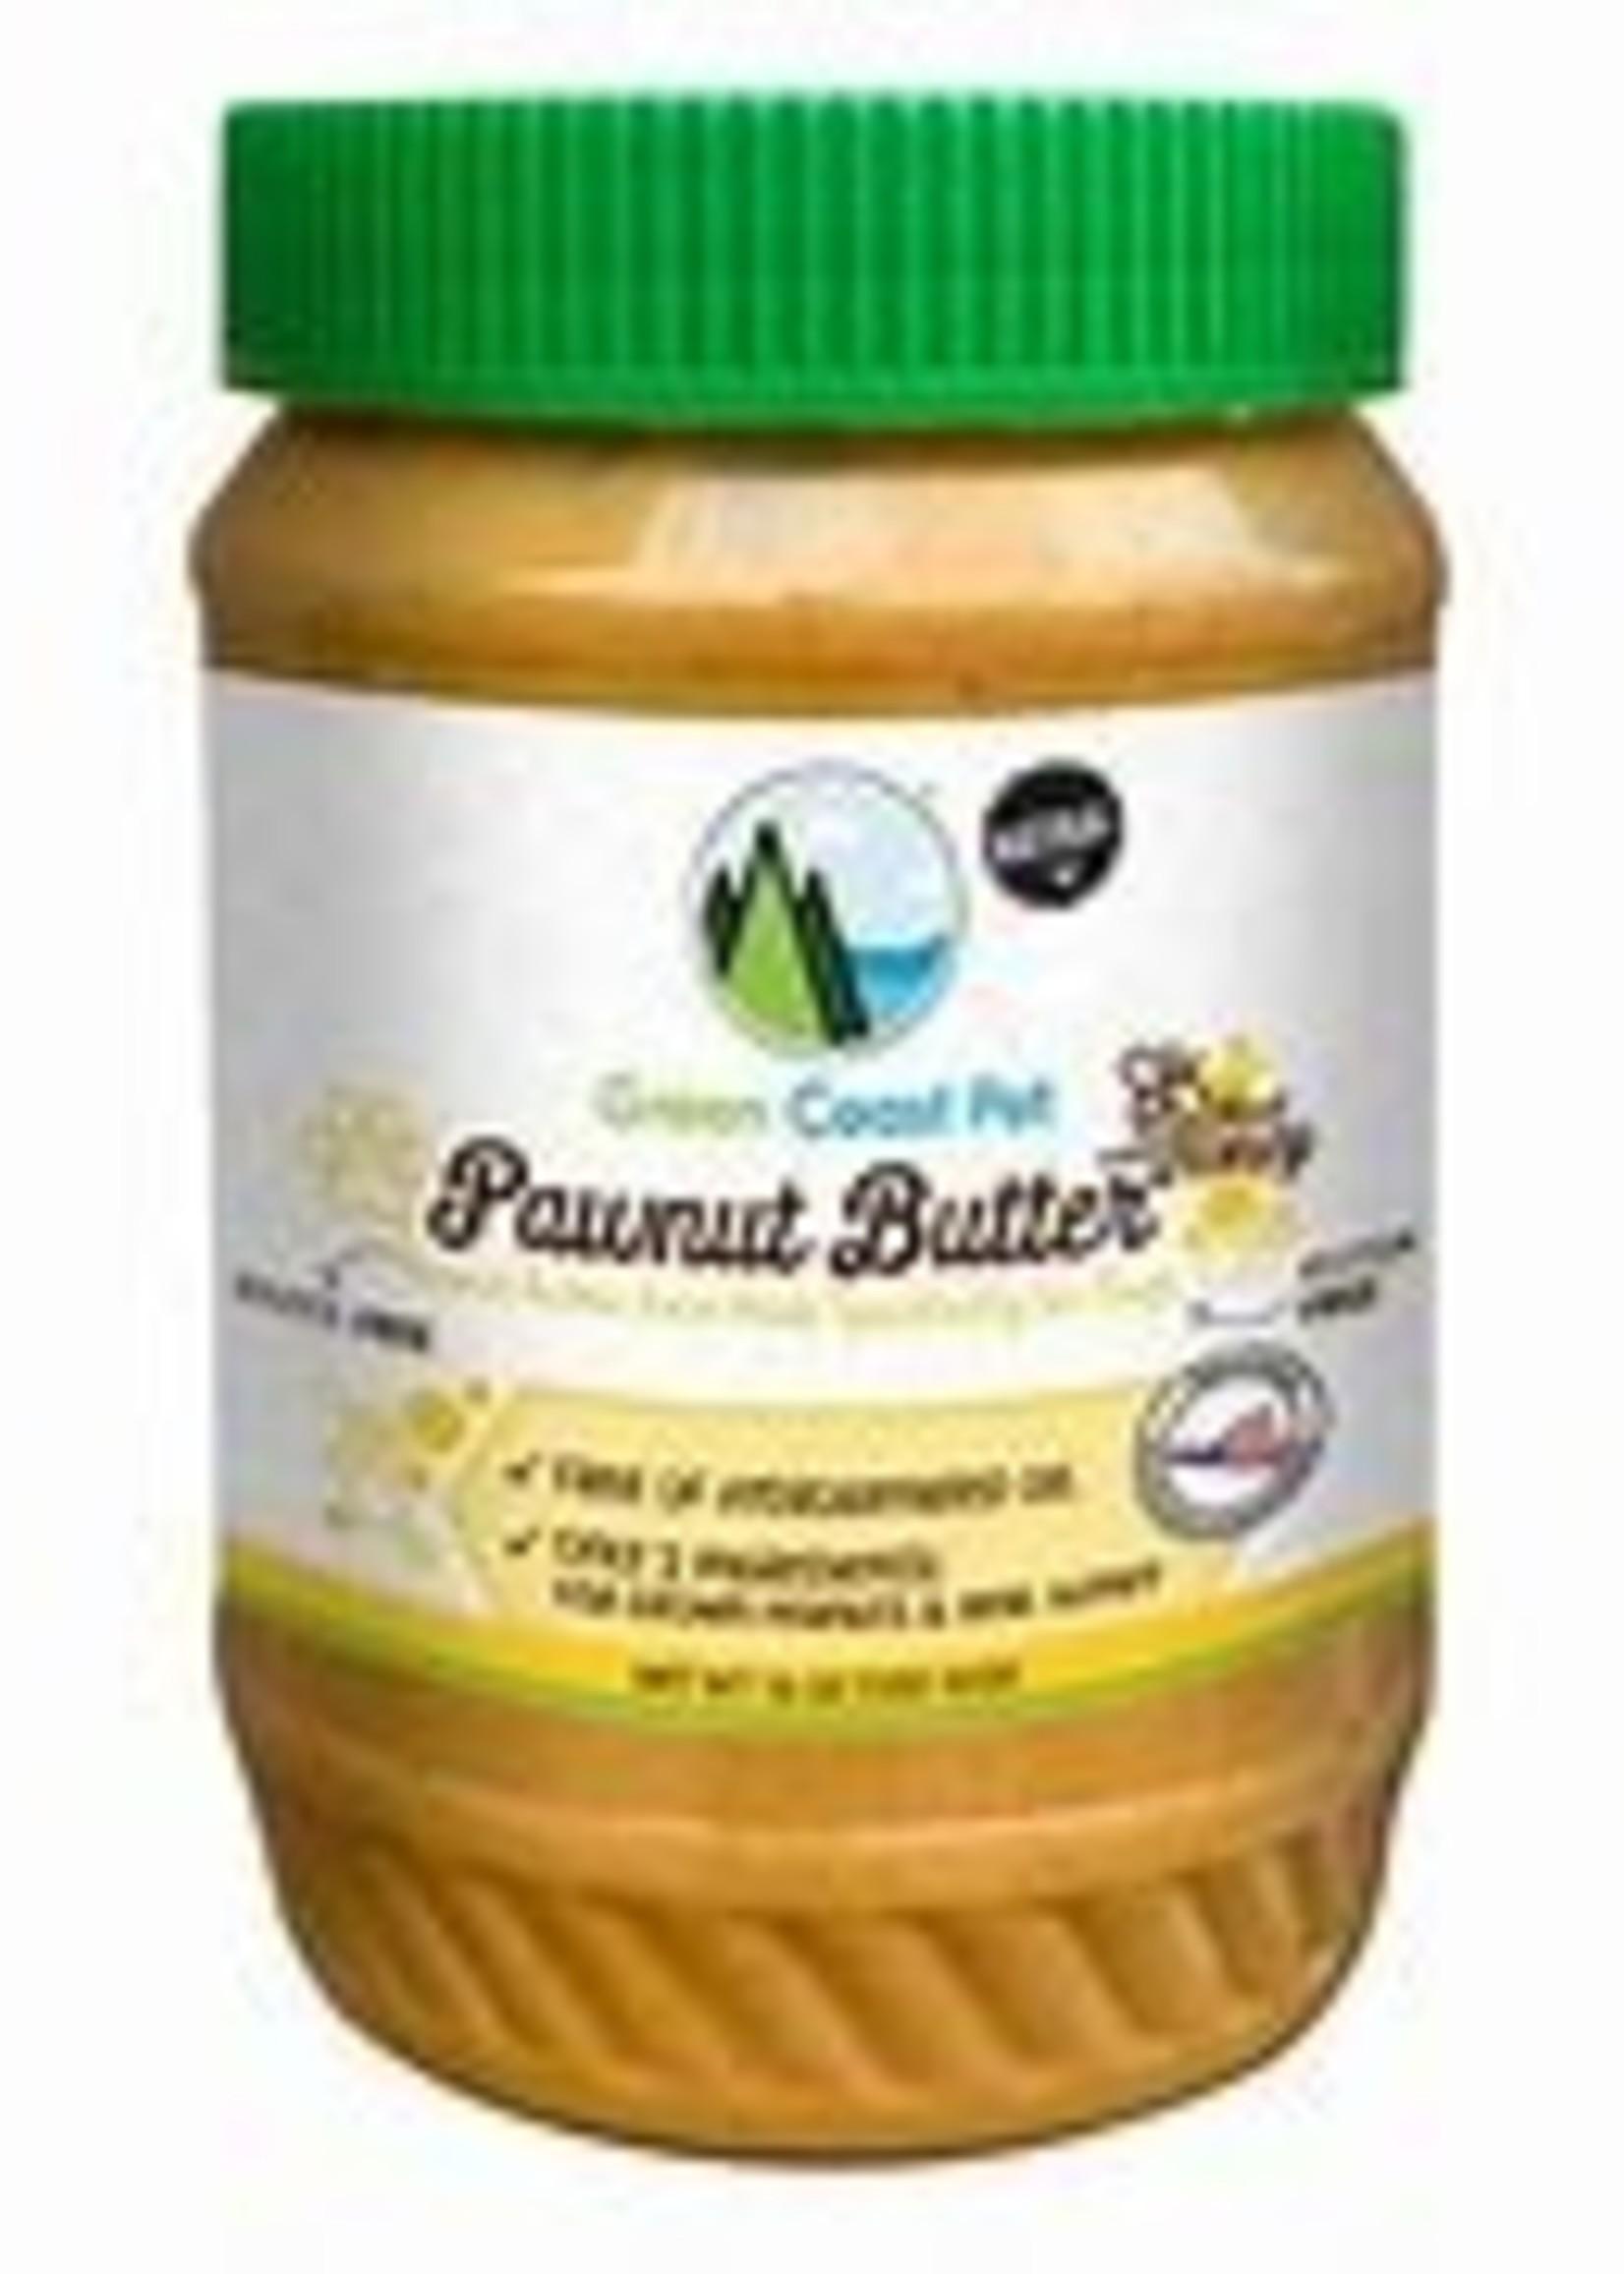 Green Coast Pet Green Coast Pet Hemp Pawnut Butter w/ Honey